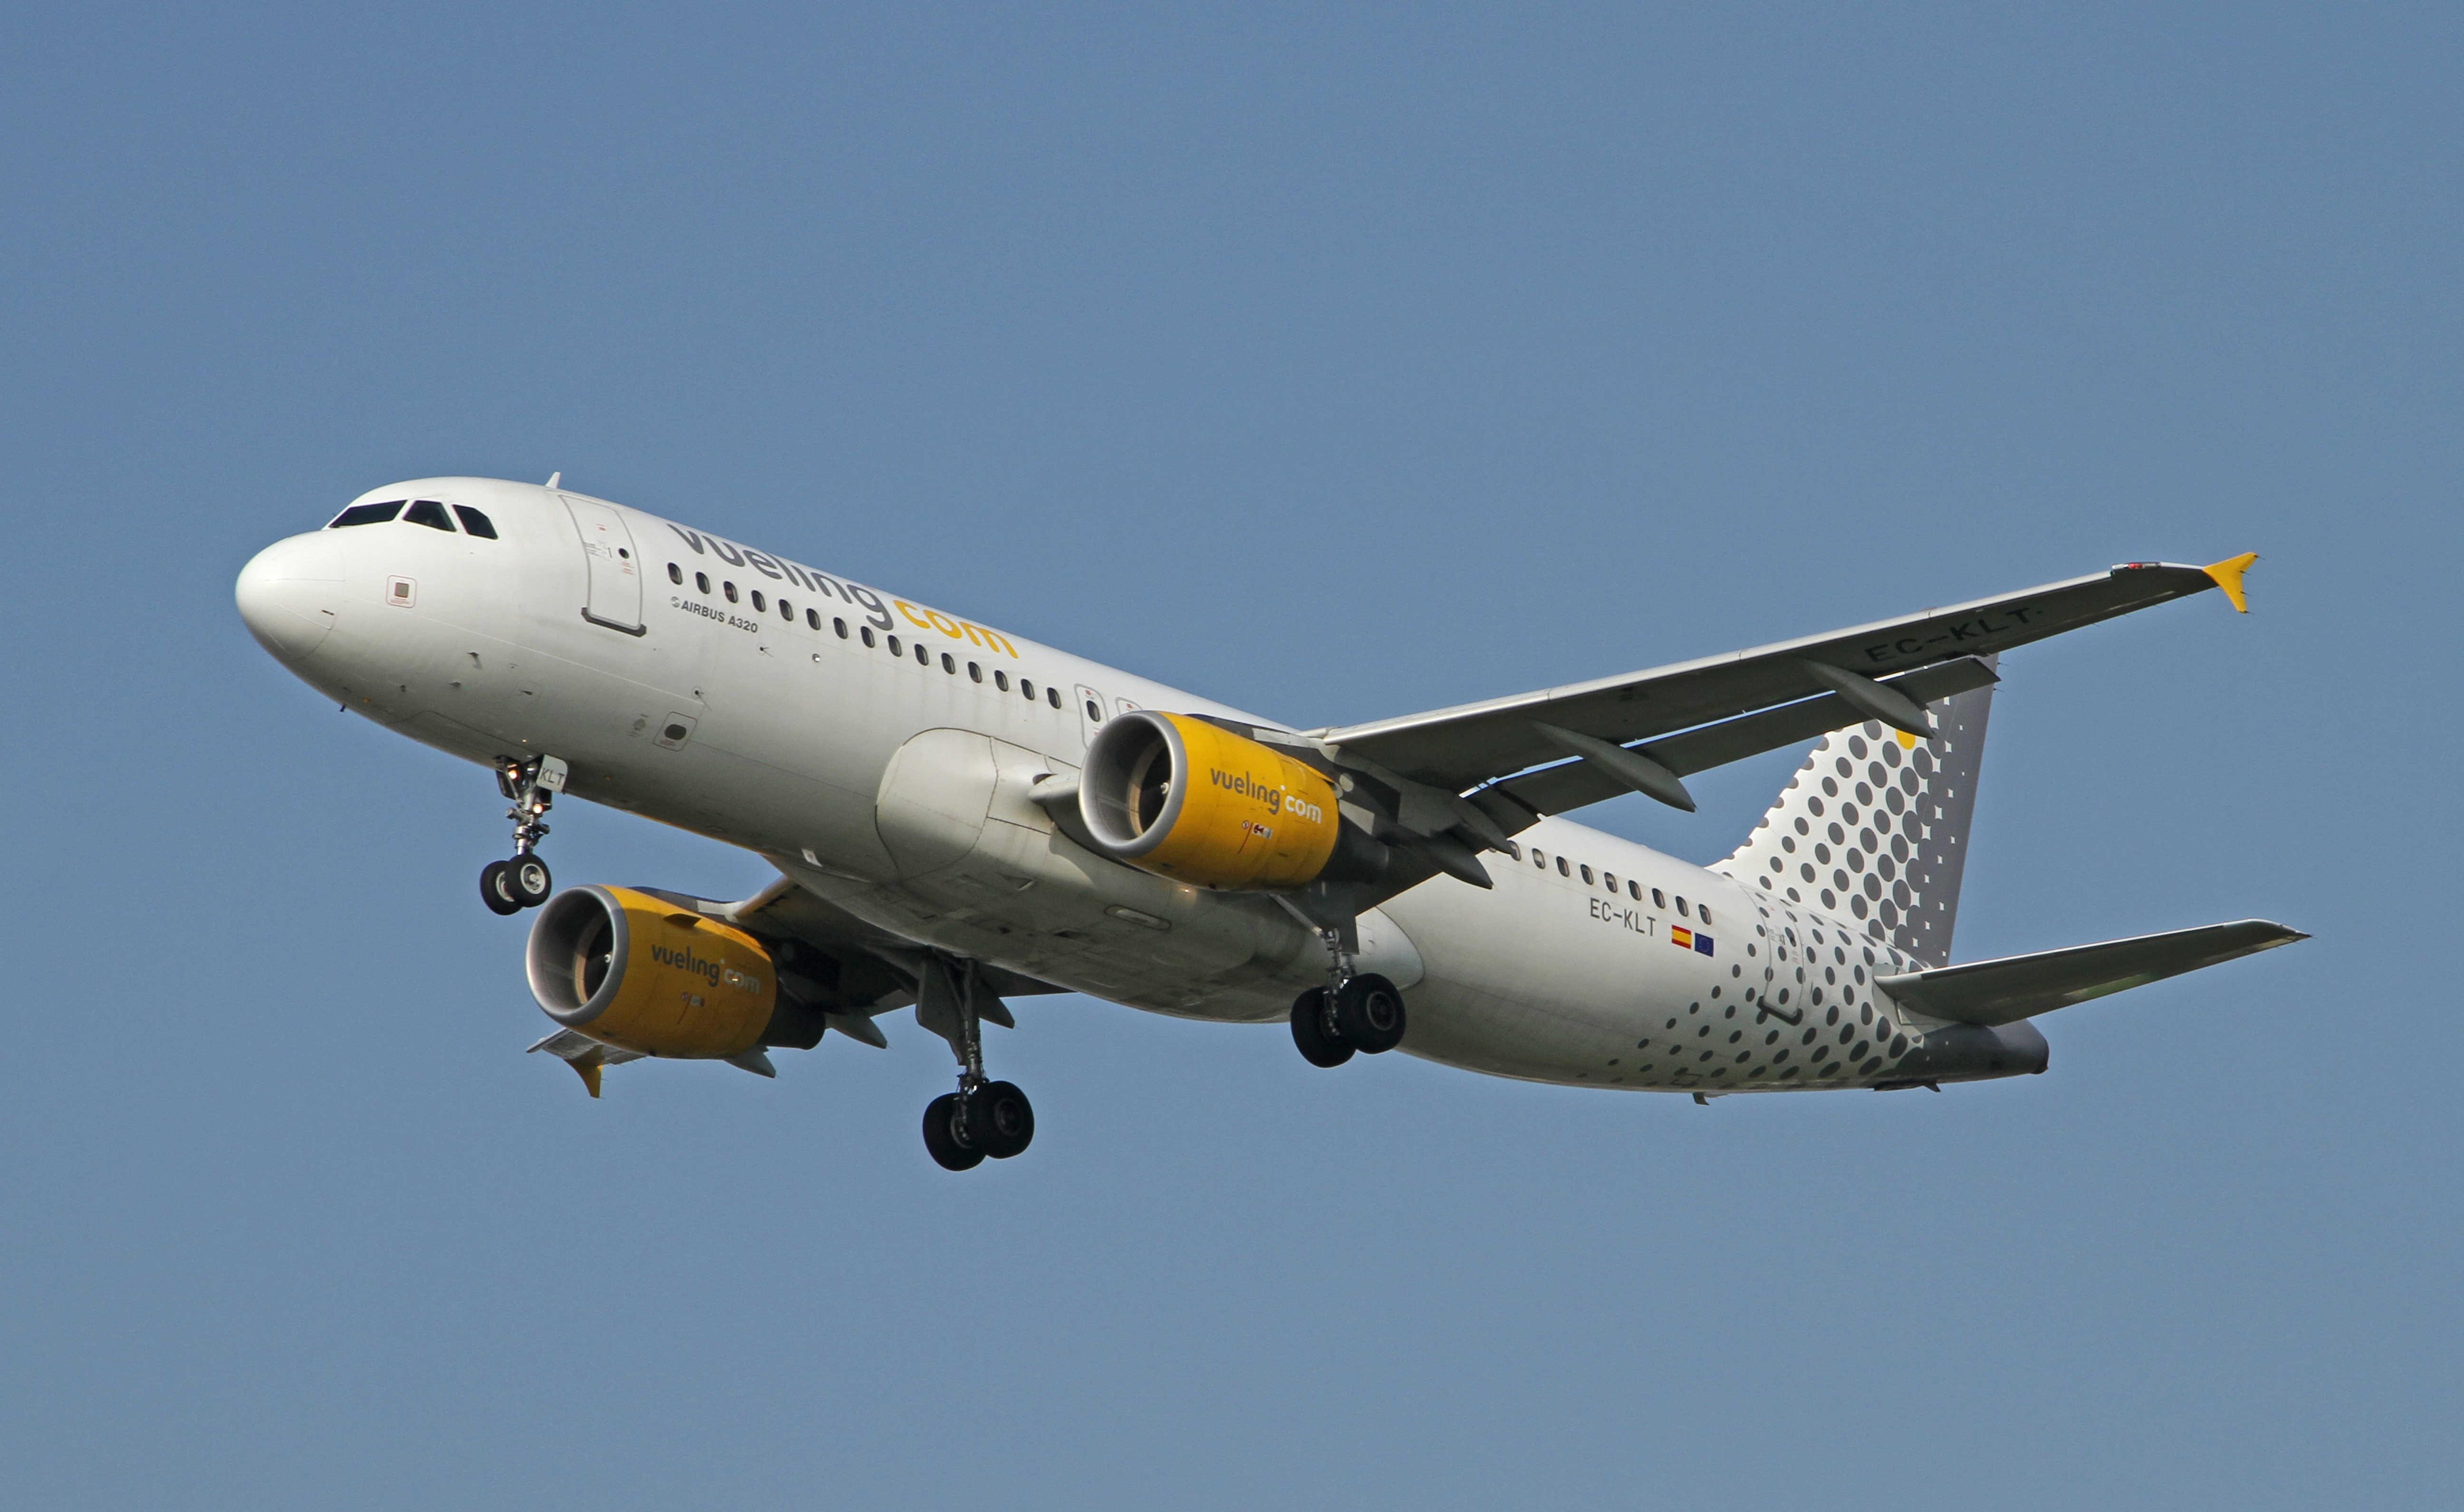 Airbus_A320-216_EC-KLT_Vueling_Airlines_2.jpg